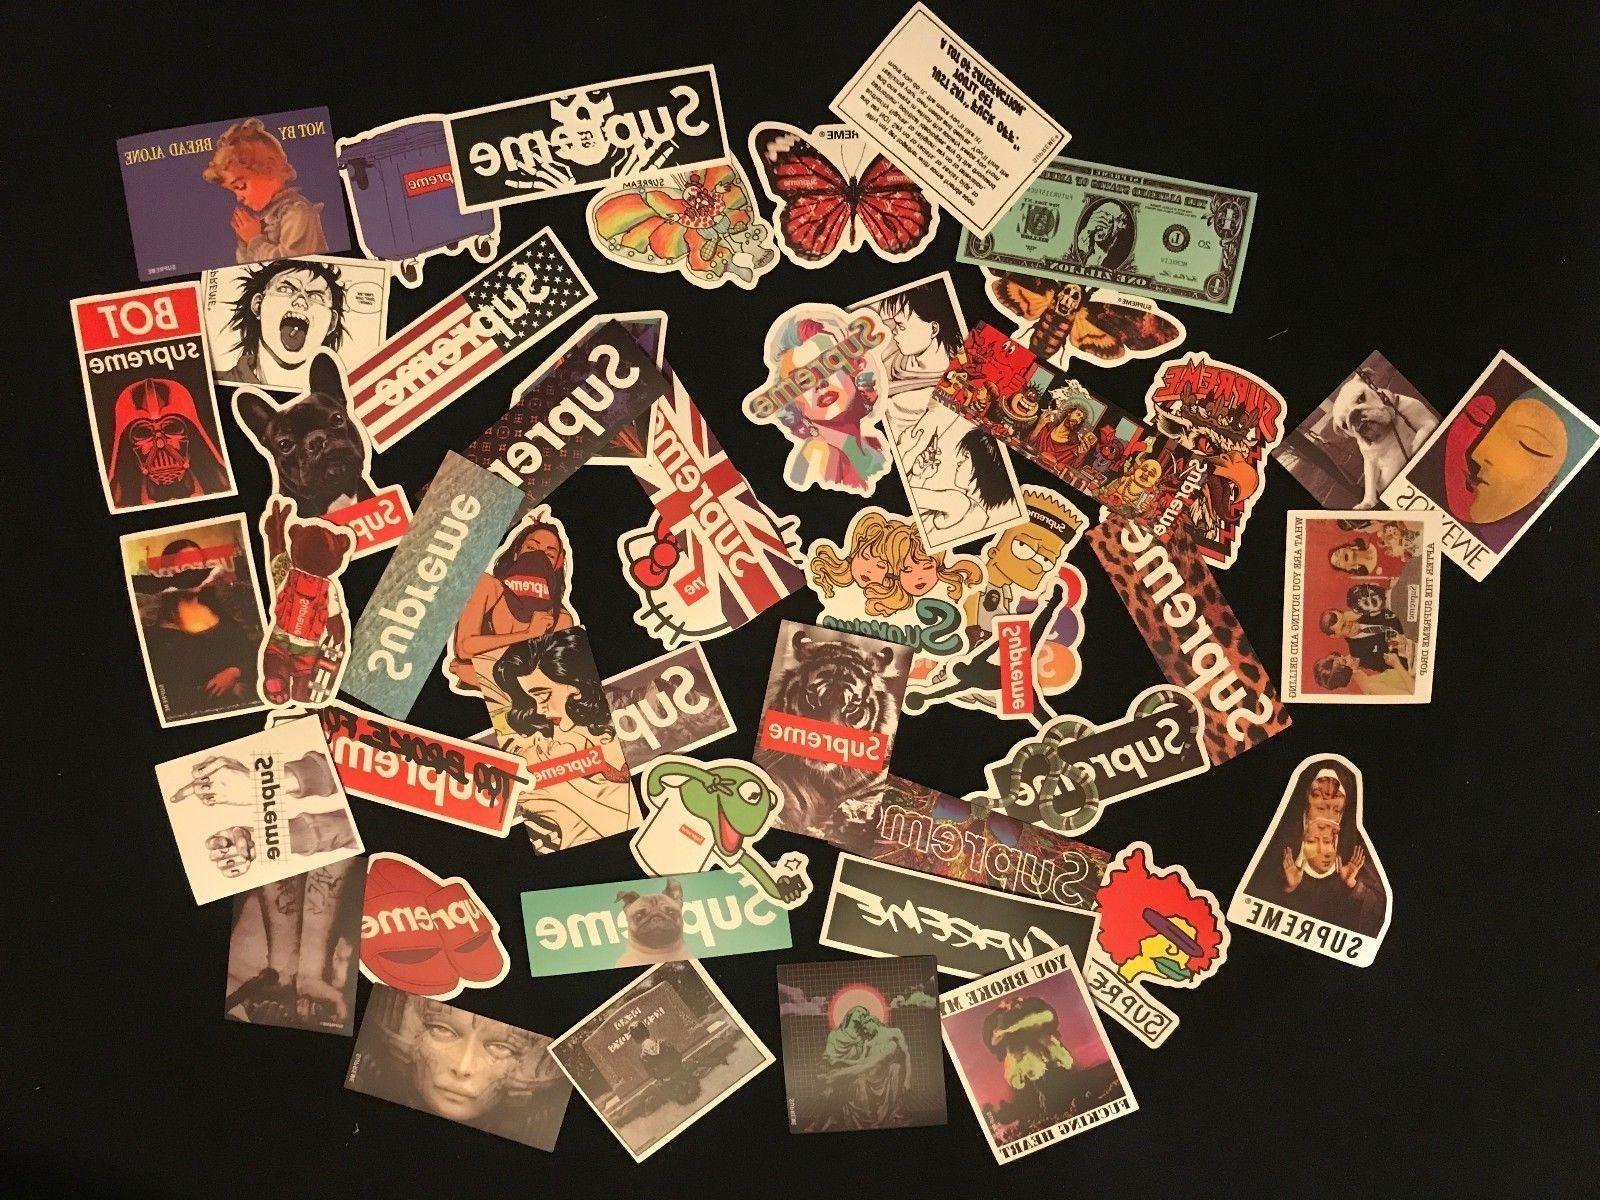 100 Supreme Longboard Vintage Vinyl Luggage Decals